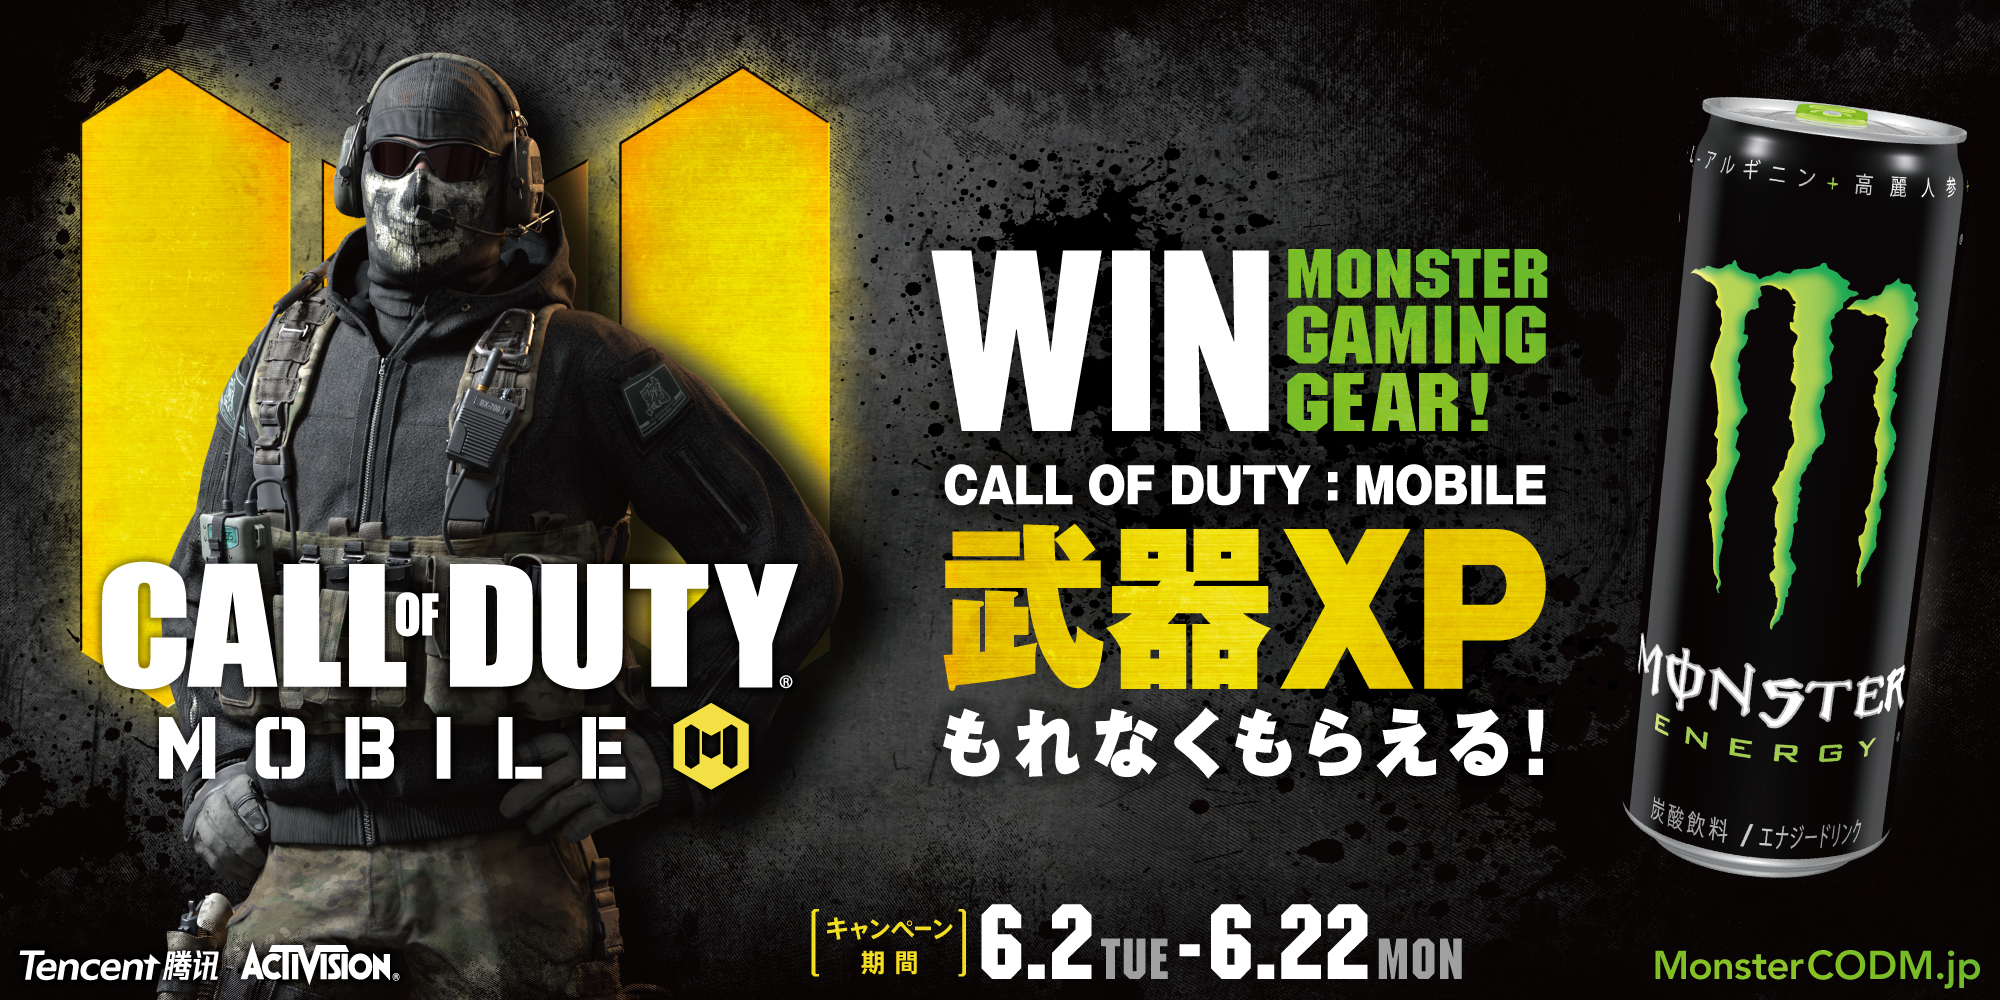 『Call of Duty: Mobile』✕ モンスターエナジー コラボ